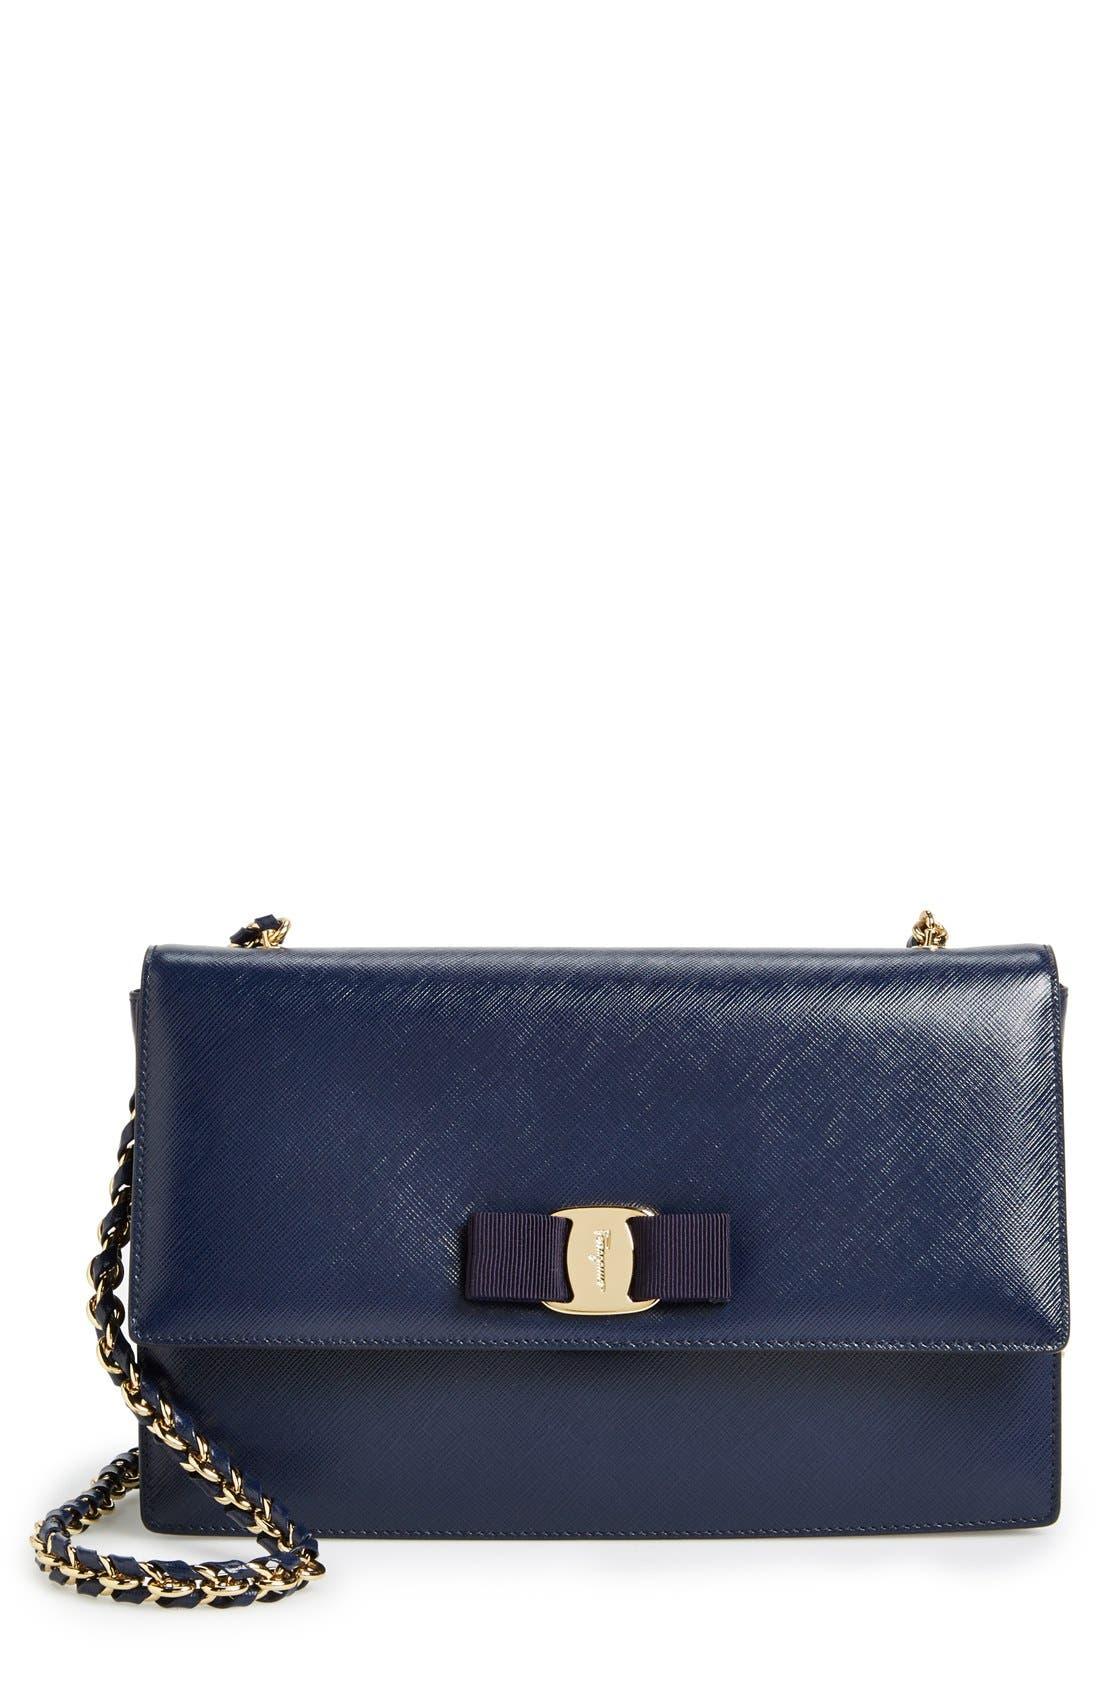 Salvatore Ferragamo 'Ginny' Saffiano Leather Shoulder Bag